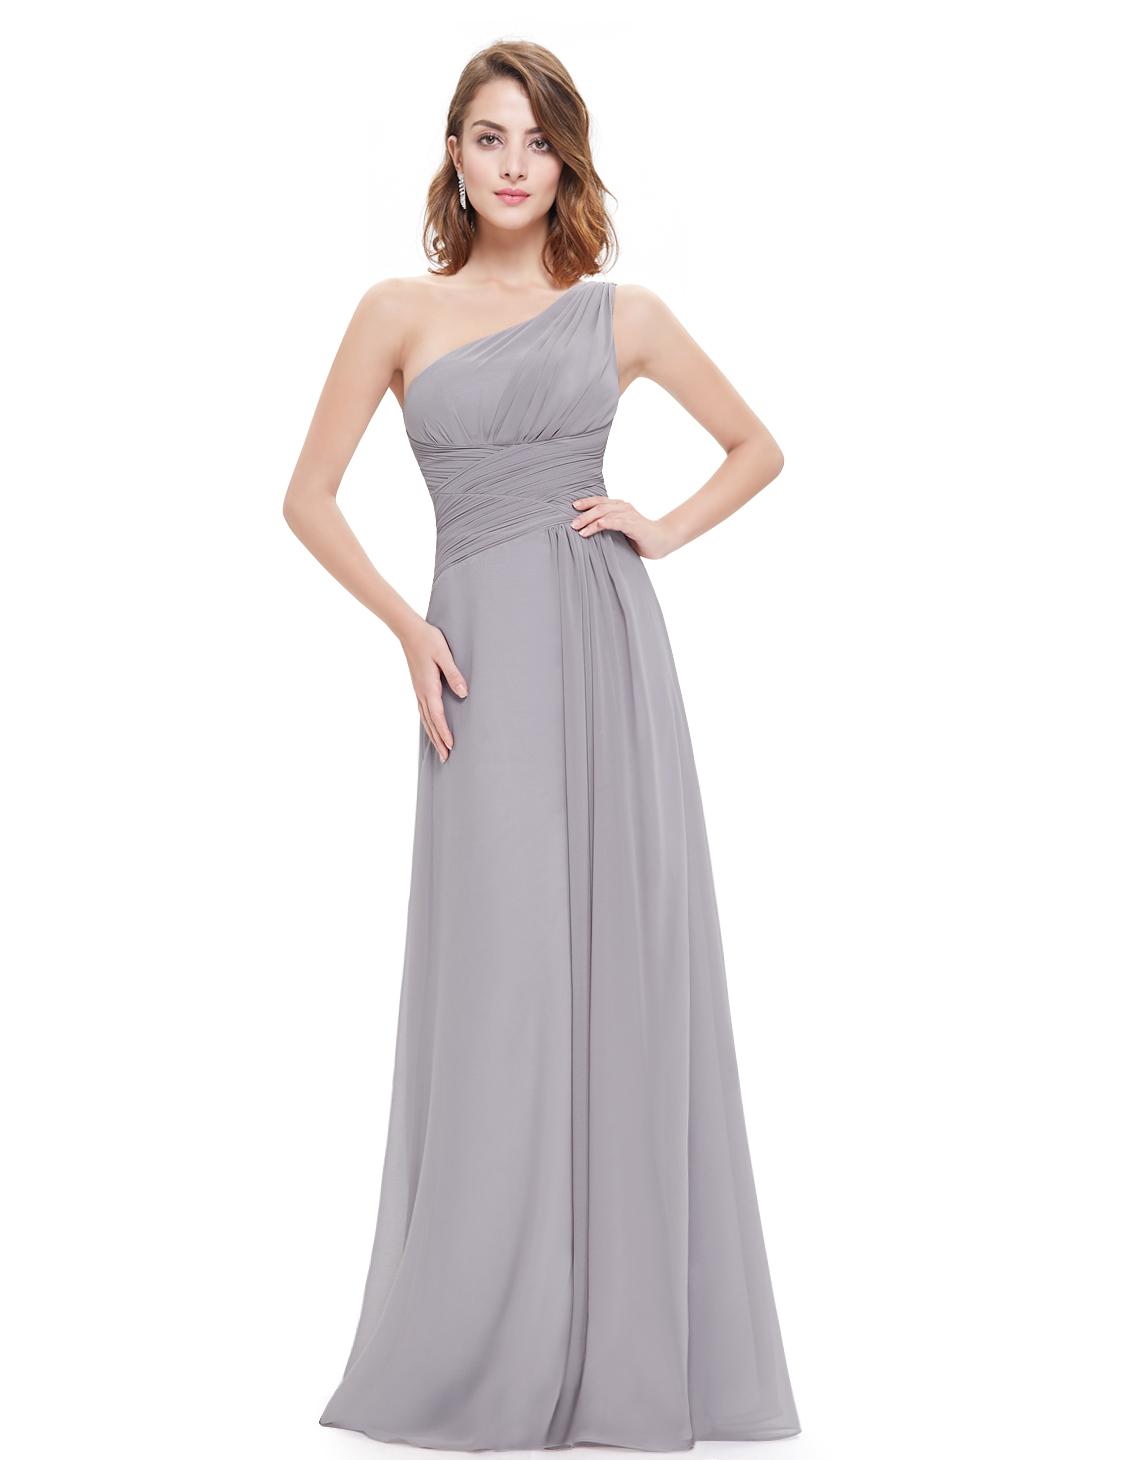 One Shoulder Bridesmaid Dress Mother of Bride Wedding Dresses 09905 ...